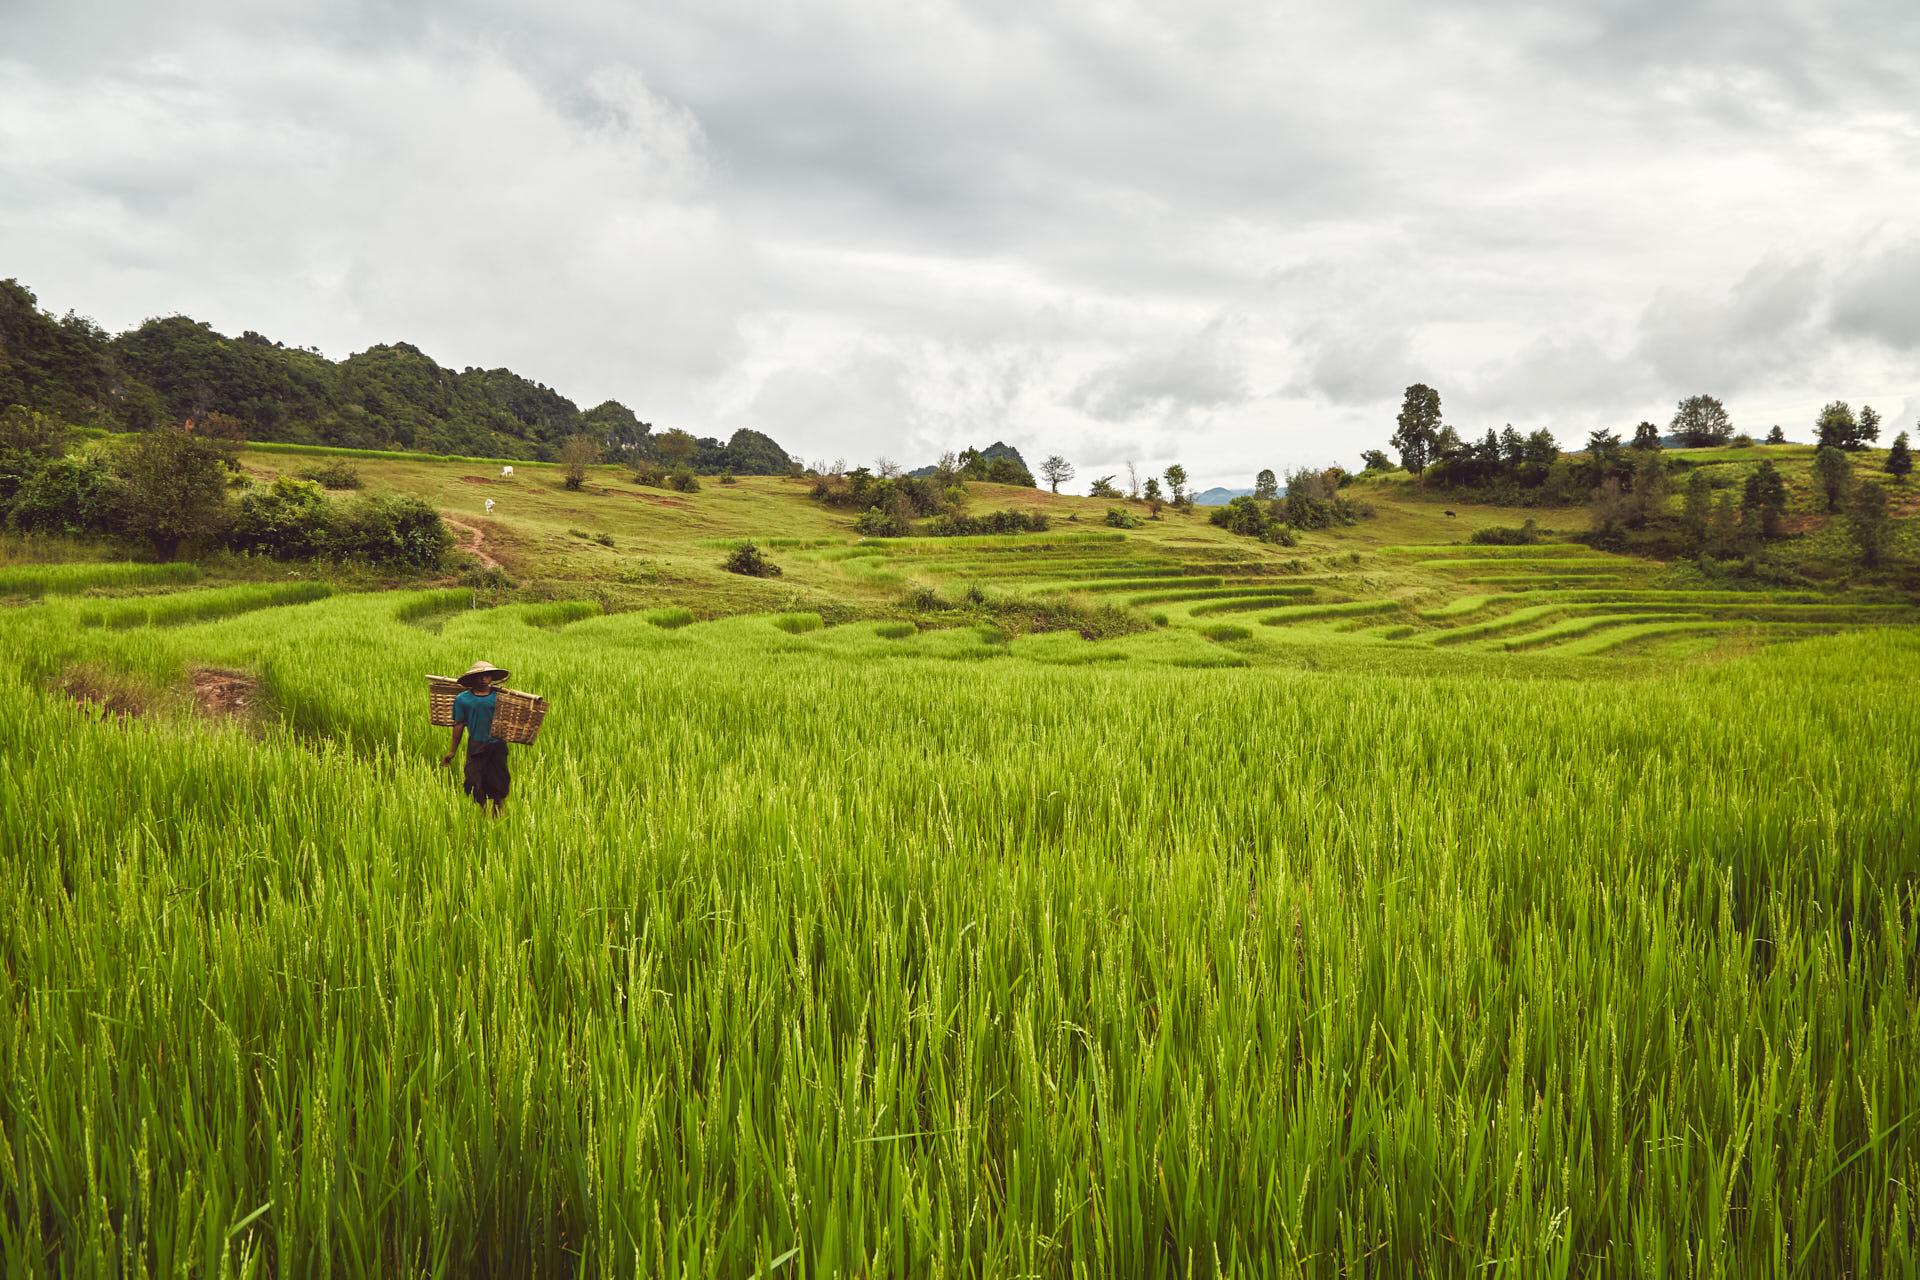 Un homme dans une rizière